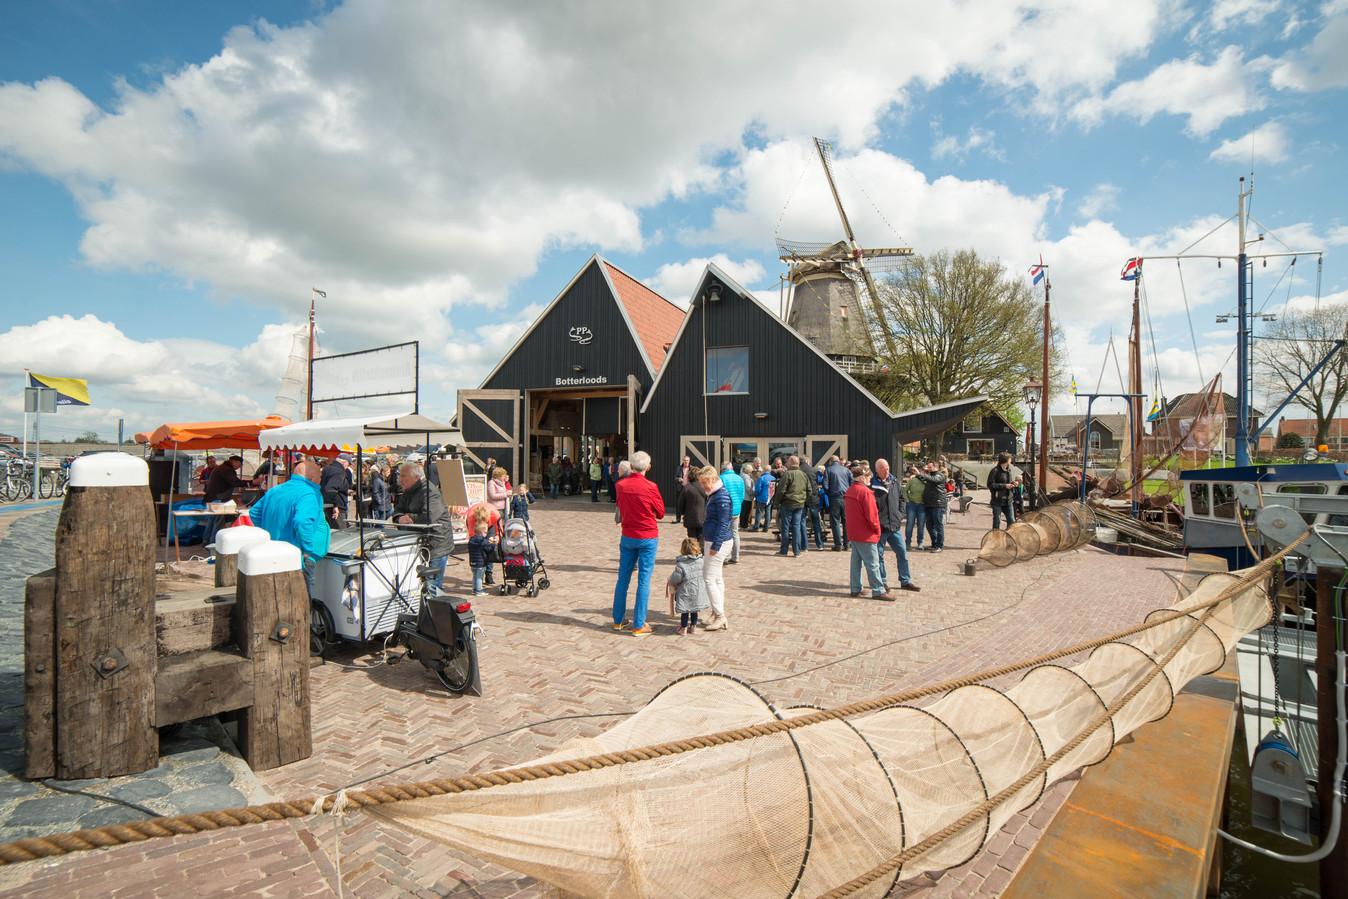 De Vischafslag en Botterloods in Harderwijk, die in 2016 zijn geopend, zijn deels gefinancierd met geld dat door samenwerkingsverband Regio Noord-Veluwe is losgepeuterd bij de provincie Gelderland.